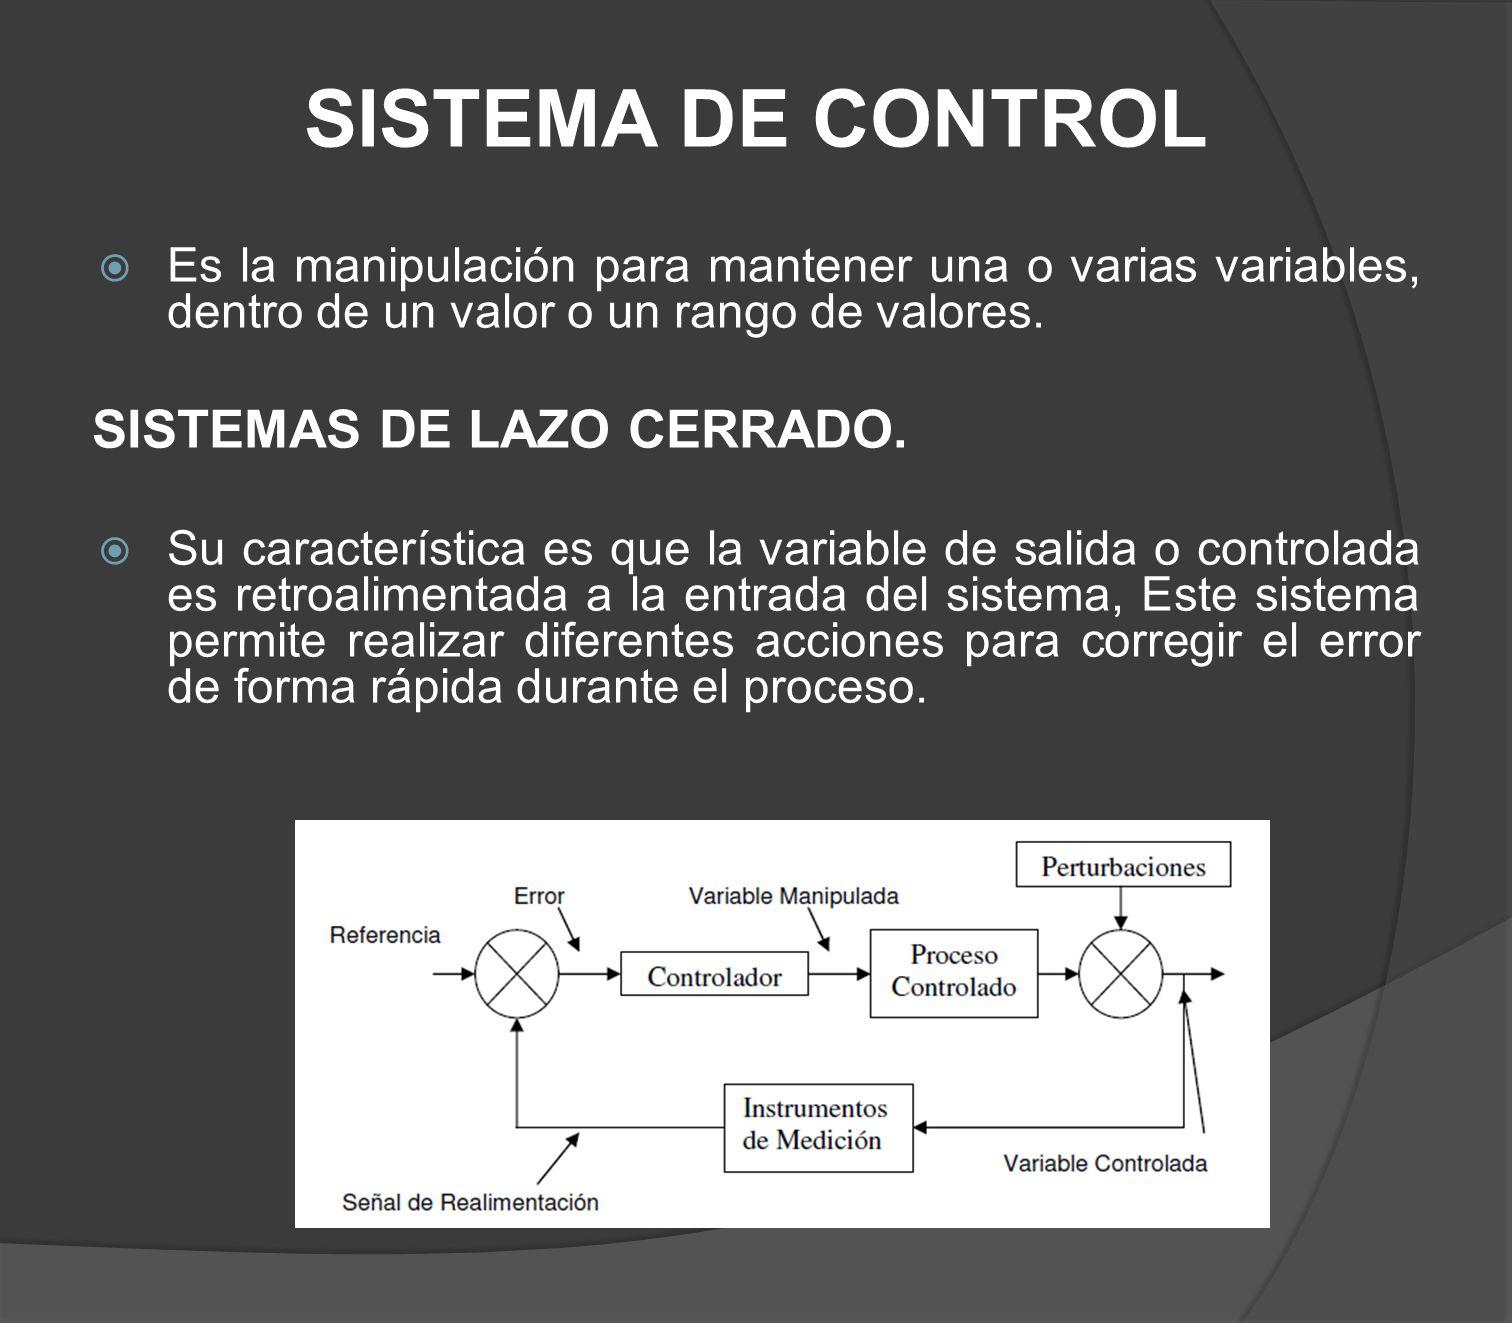 SISTEMA DE CONTROL SISTEMAS DE LAZO CERRADO.